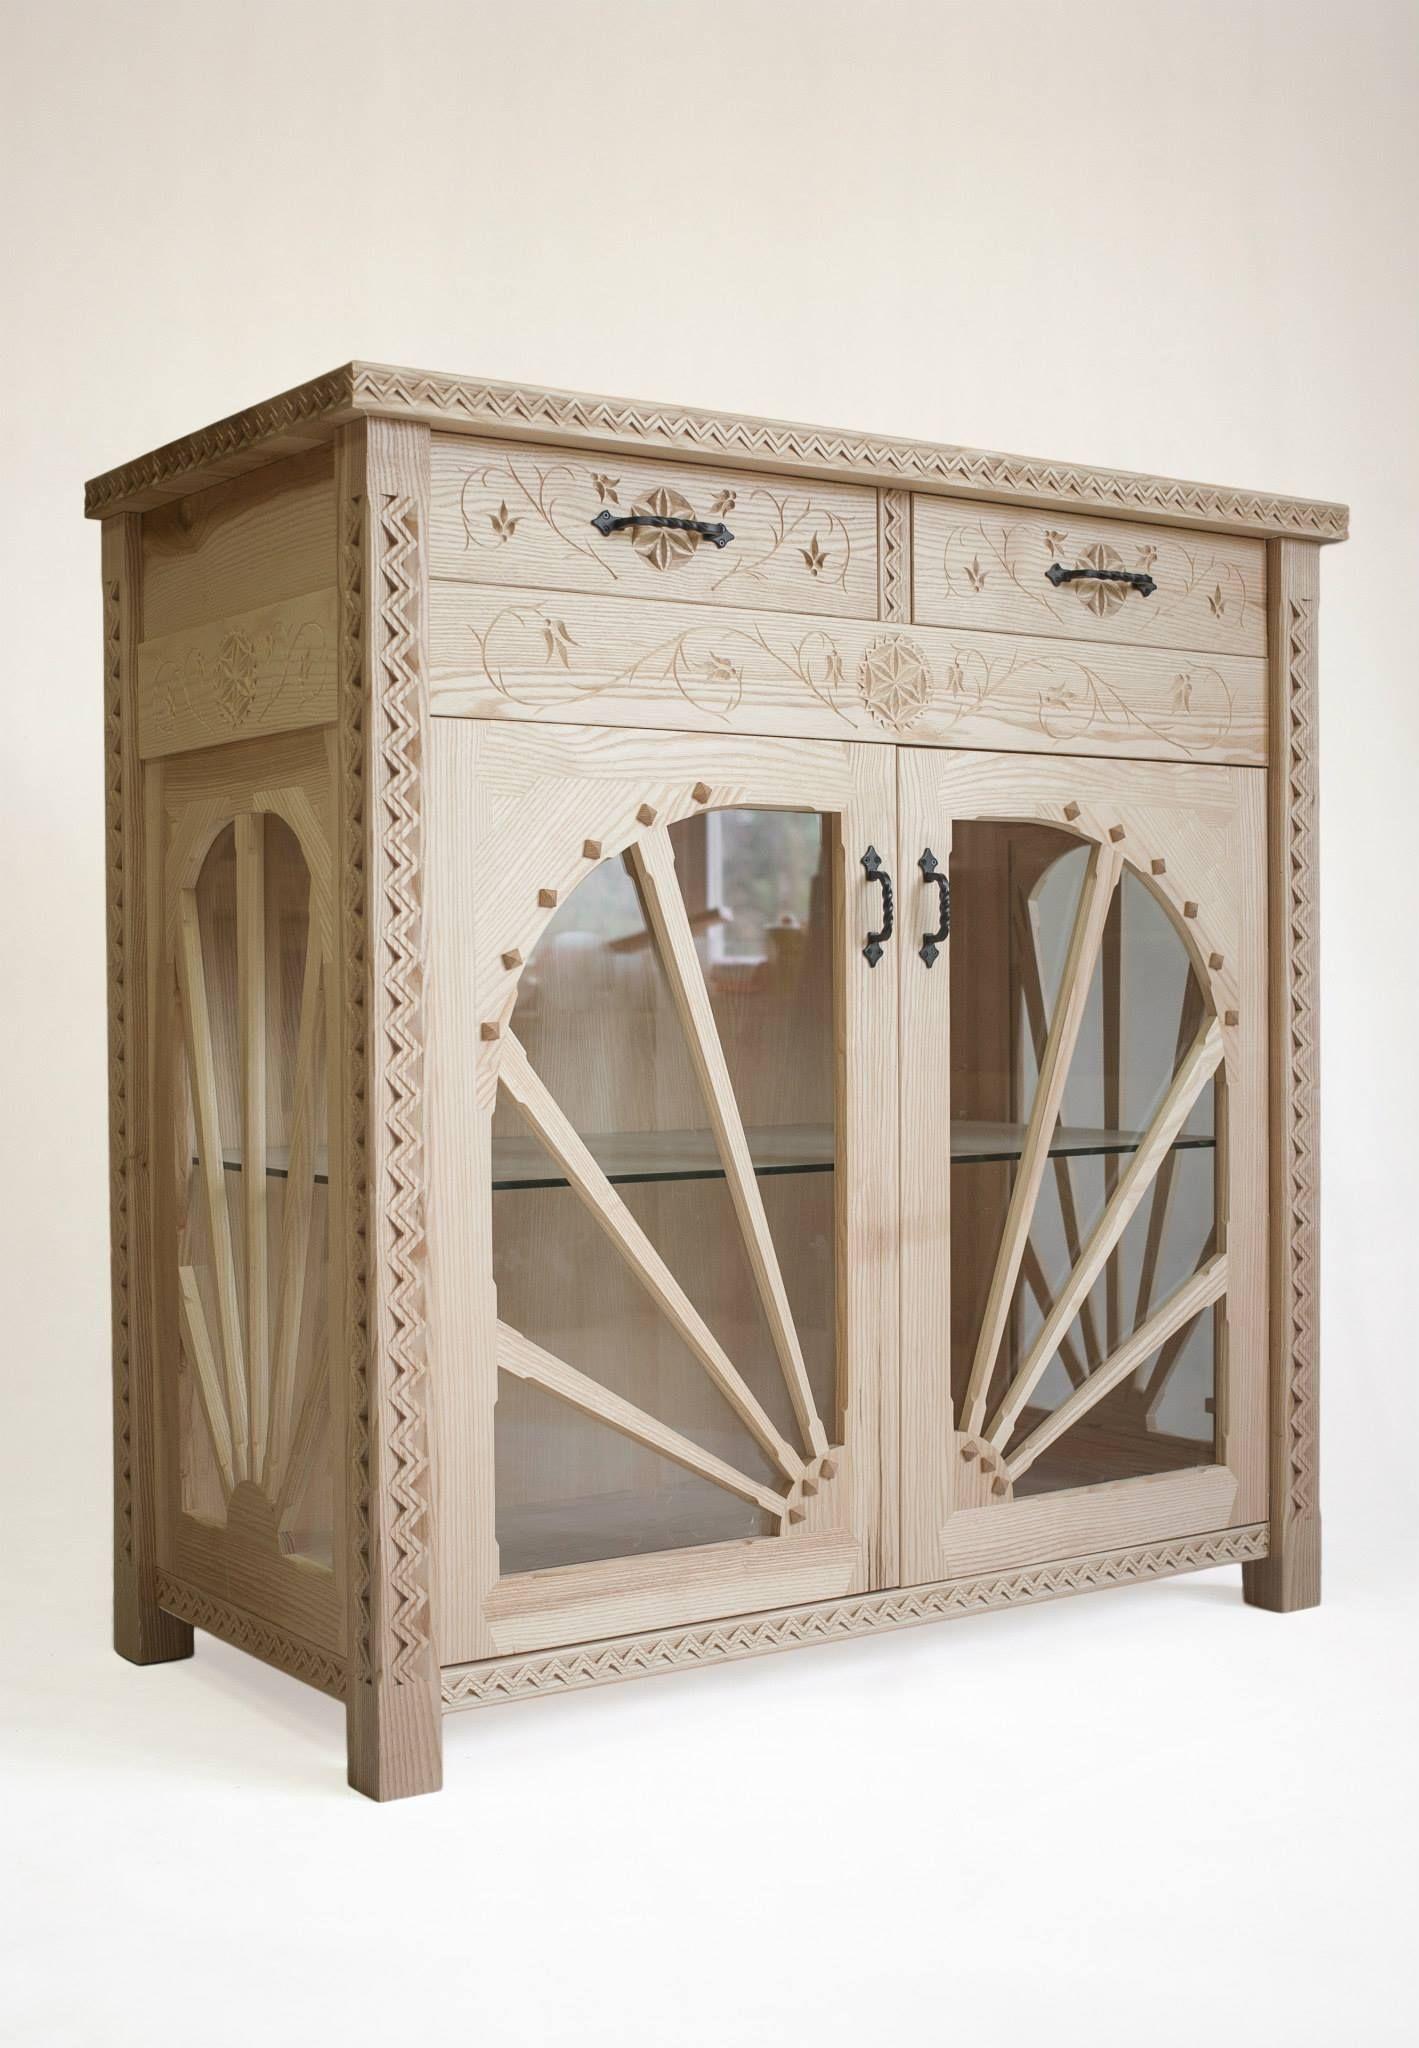 Fesselnde Flurmöbel Sammlung Von Handmade Showcase Vitrine Handarbeit Holz Wohnzimmer Esszimmer